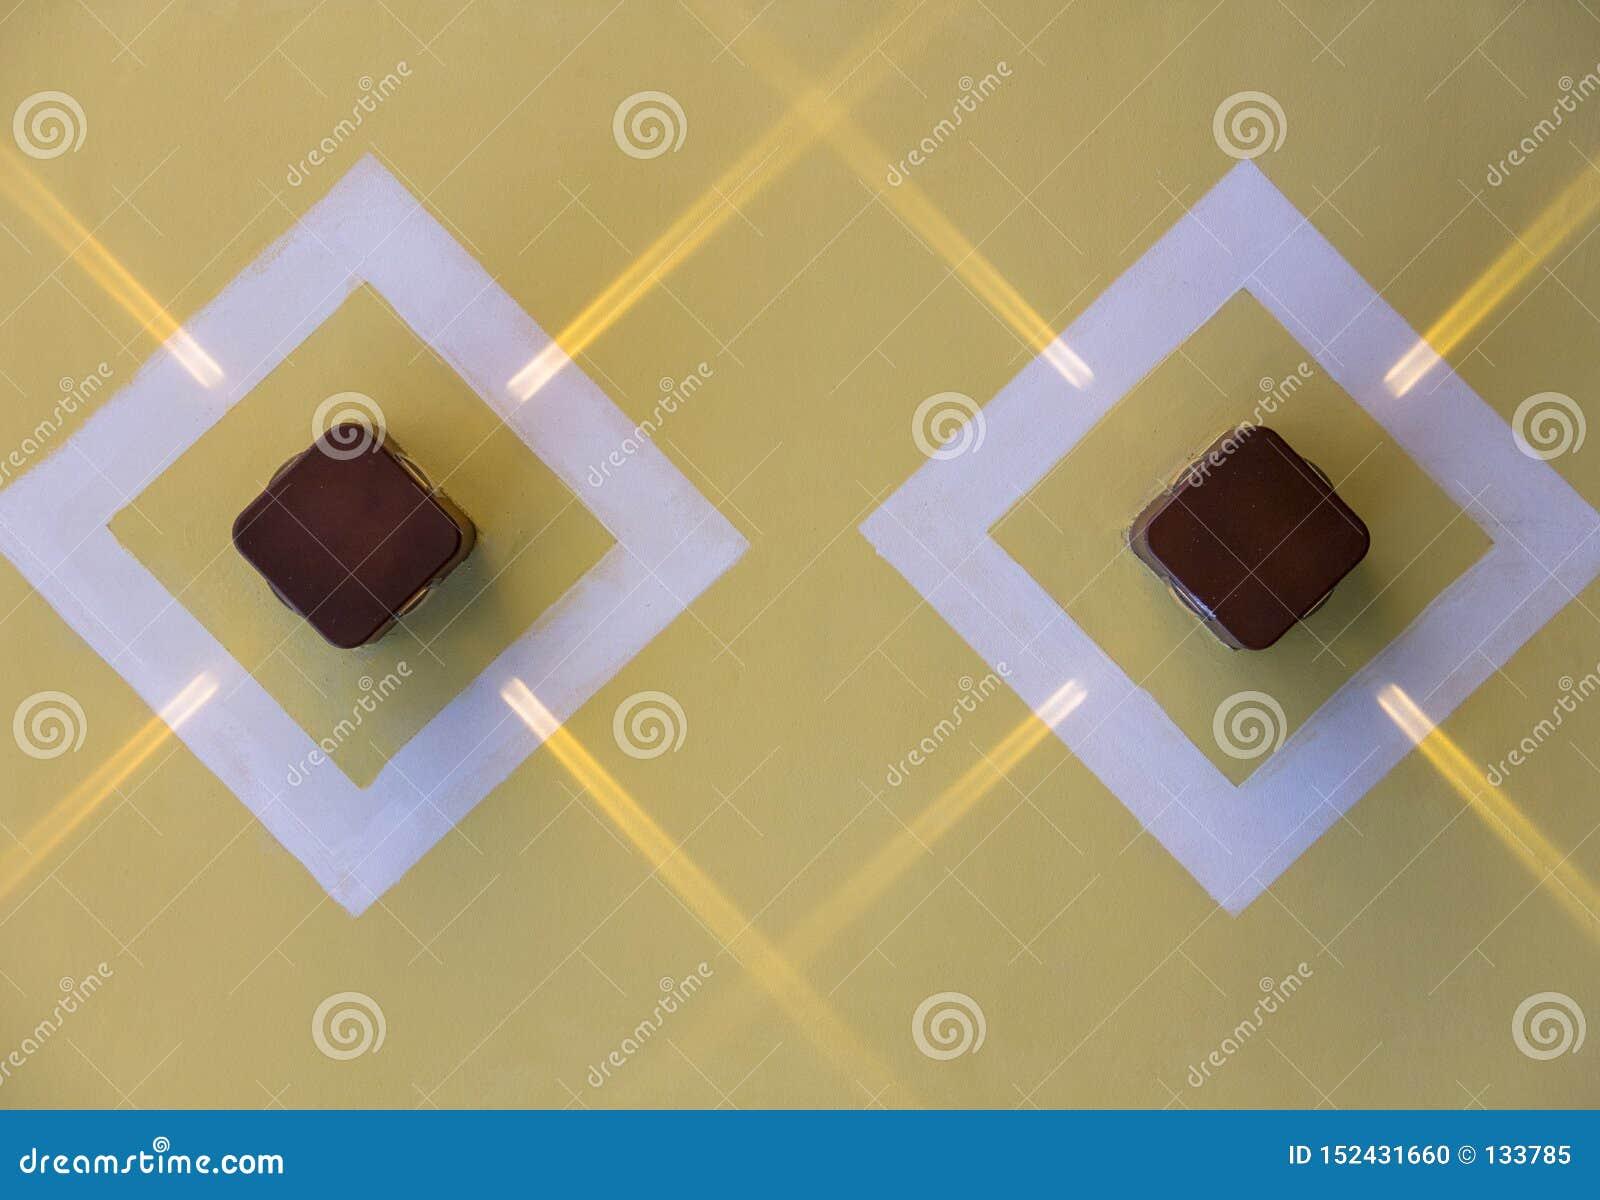 Deux lampes brunes carrées avec des rayons de lumière sur un mur jaune dans les losanges blancs Texture de surface approximative